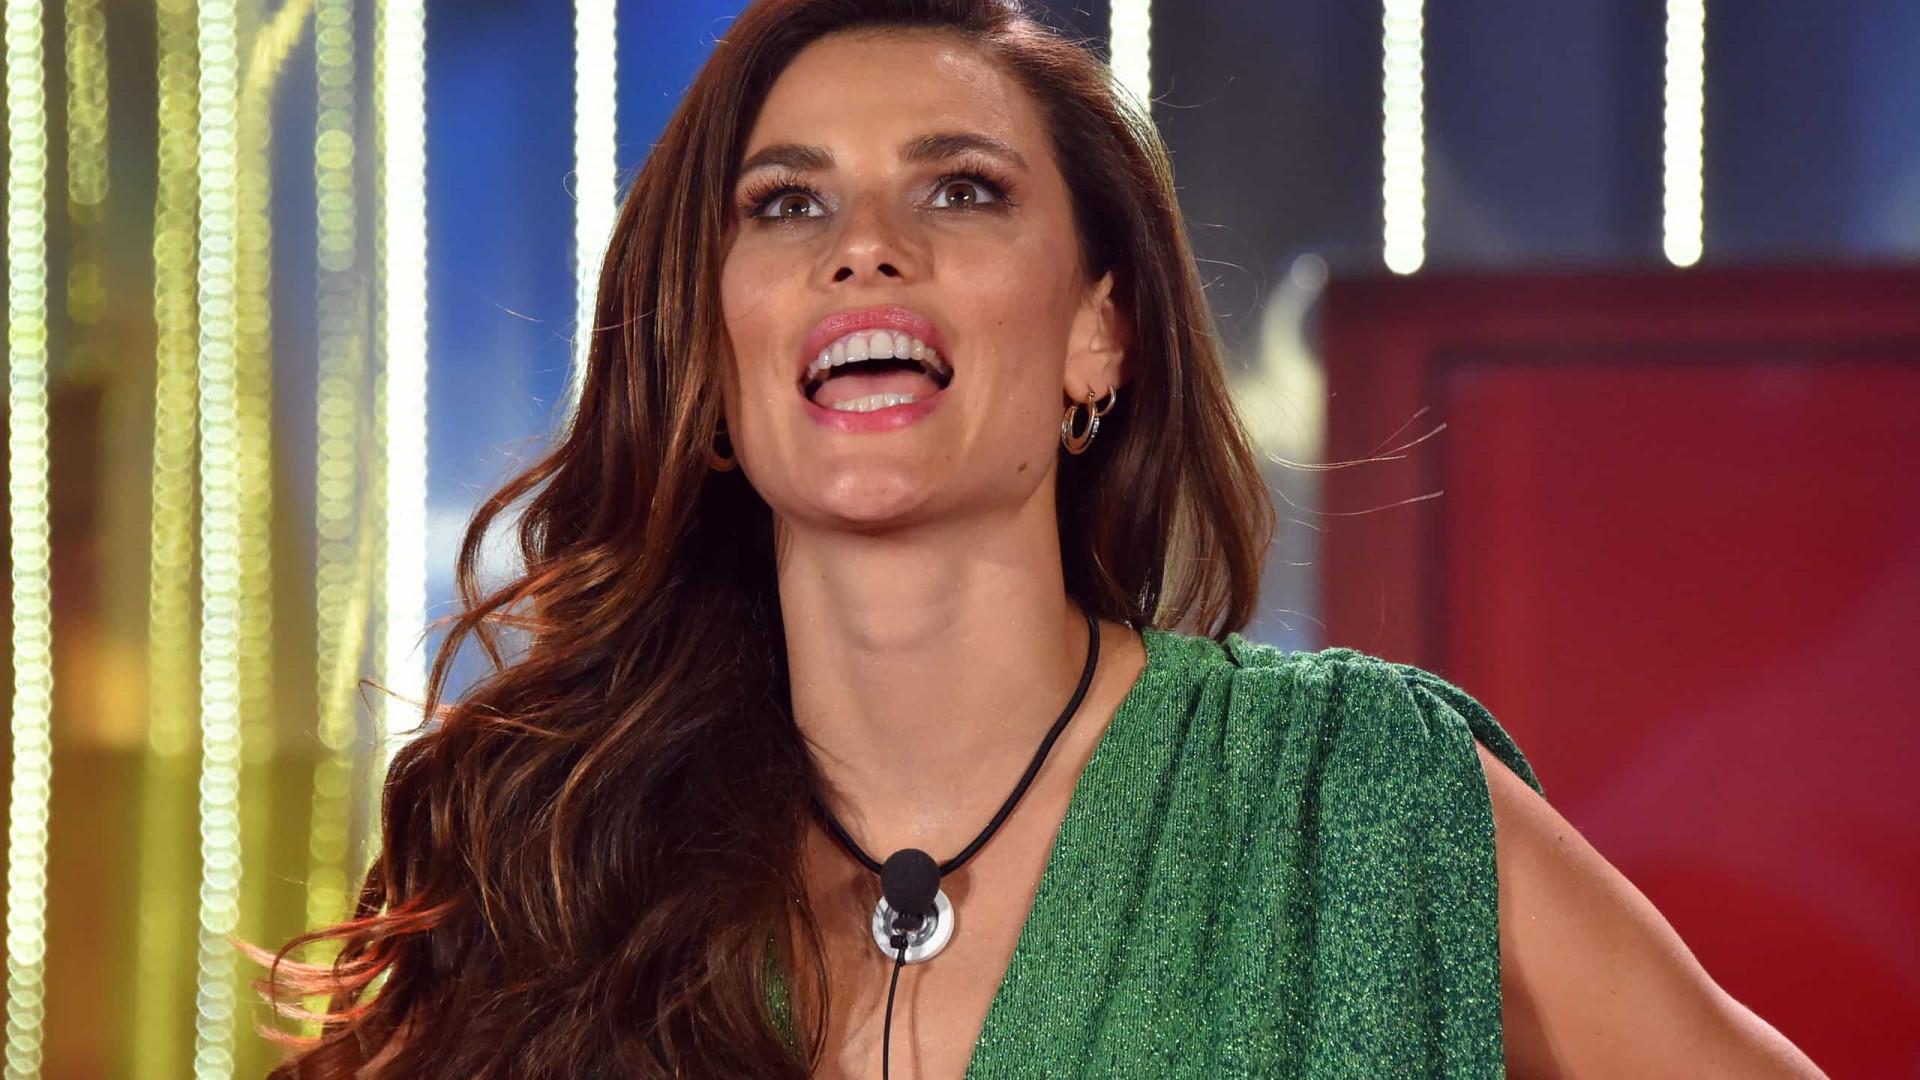 Dayane Mello sobrevive ao nono paredão no Big Brother italiano após apoio de brasileiros